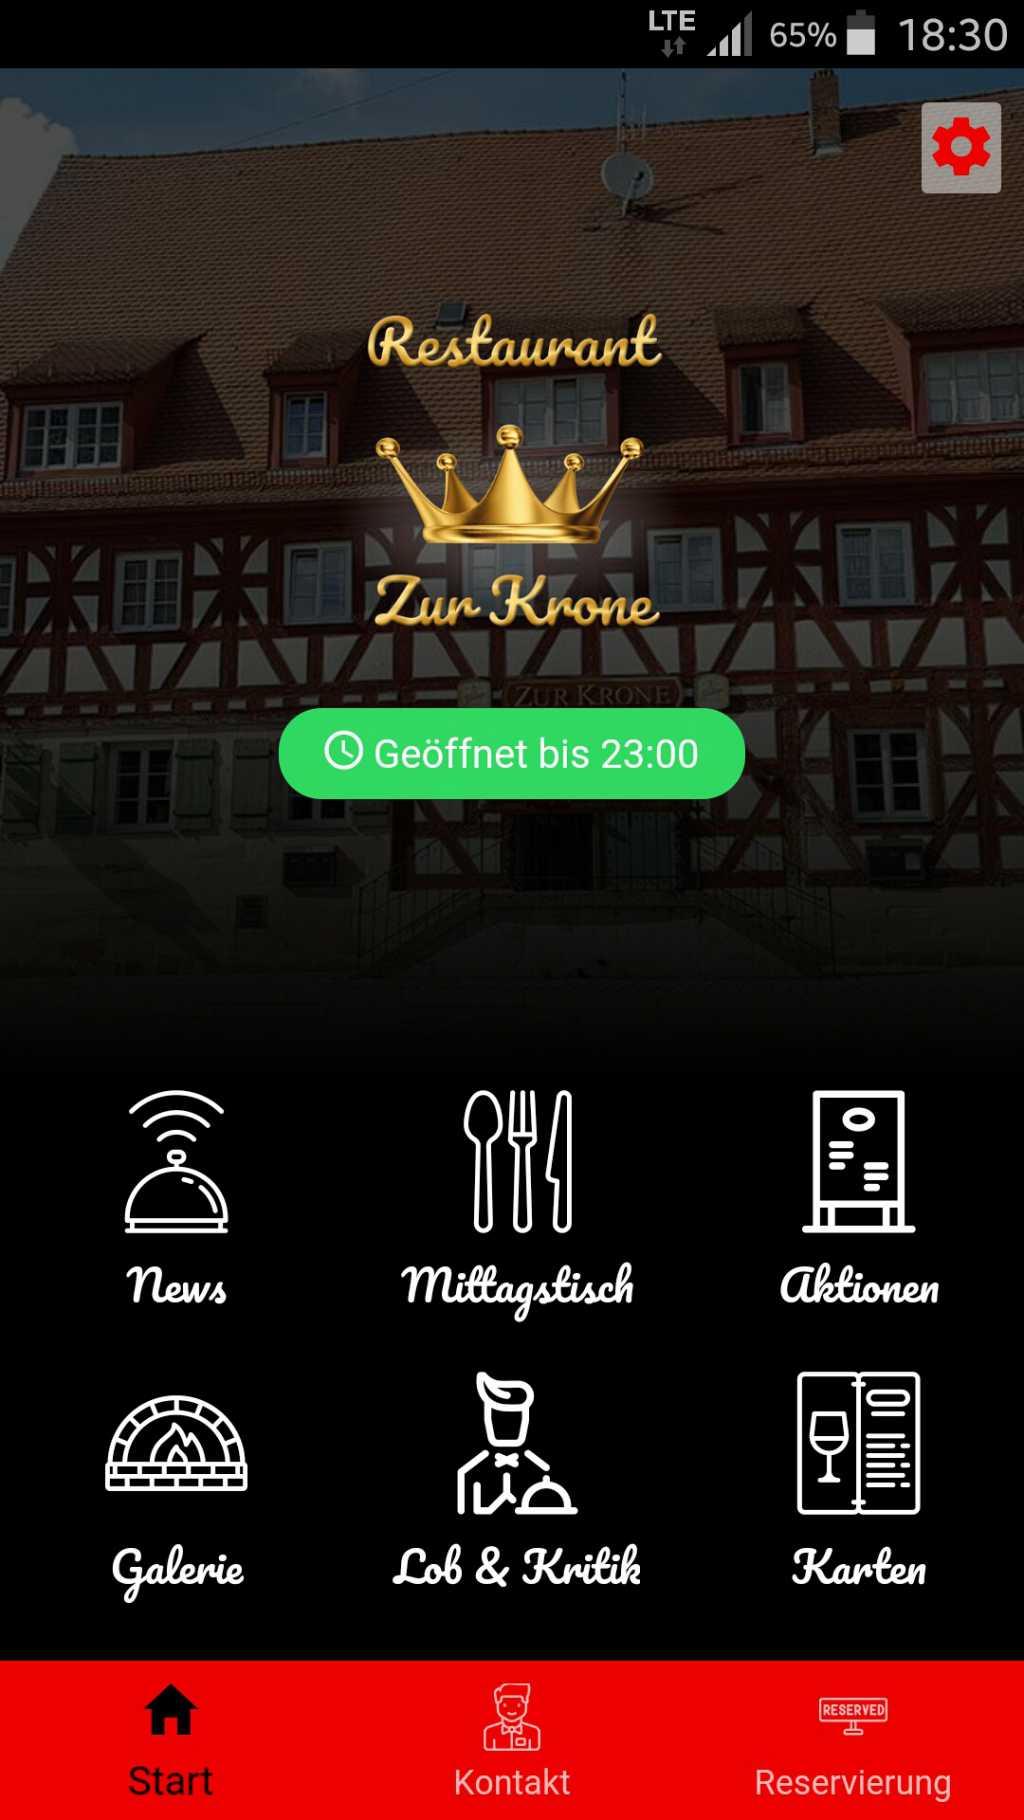 Bild zur Nachricht von Restaurant zur Krone